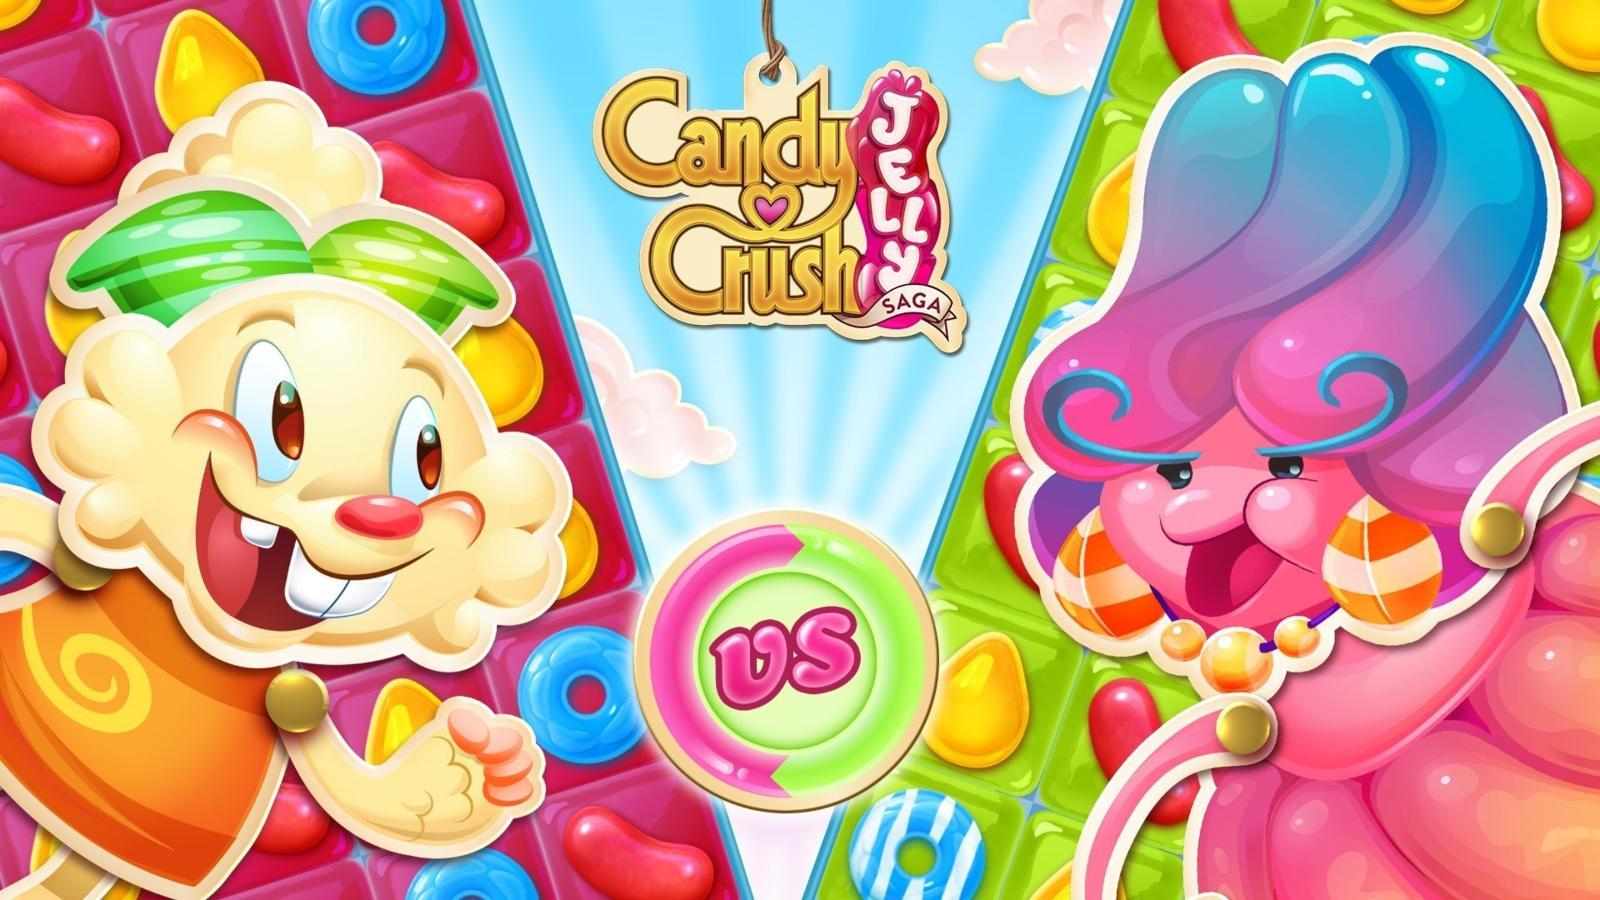 Clash Royale, Candy Crush Ces Jeux Vidéo Gratuits Qui concernant Jeux De Puissance 4 Gratuit